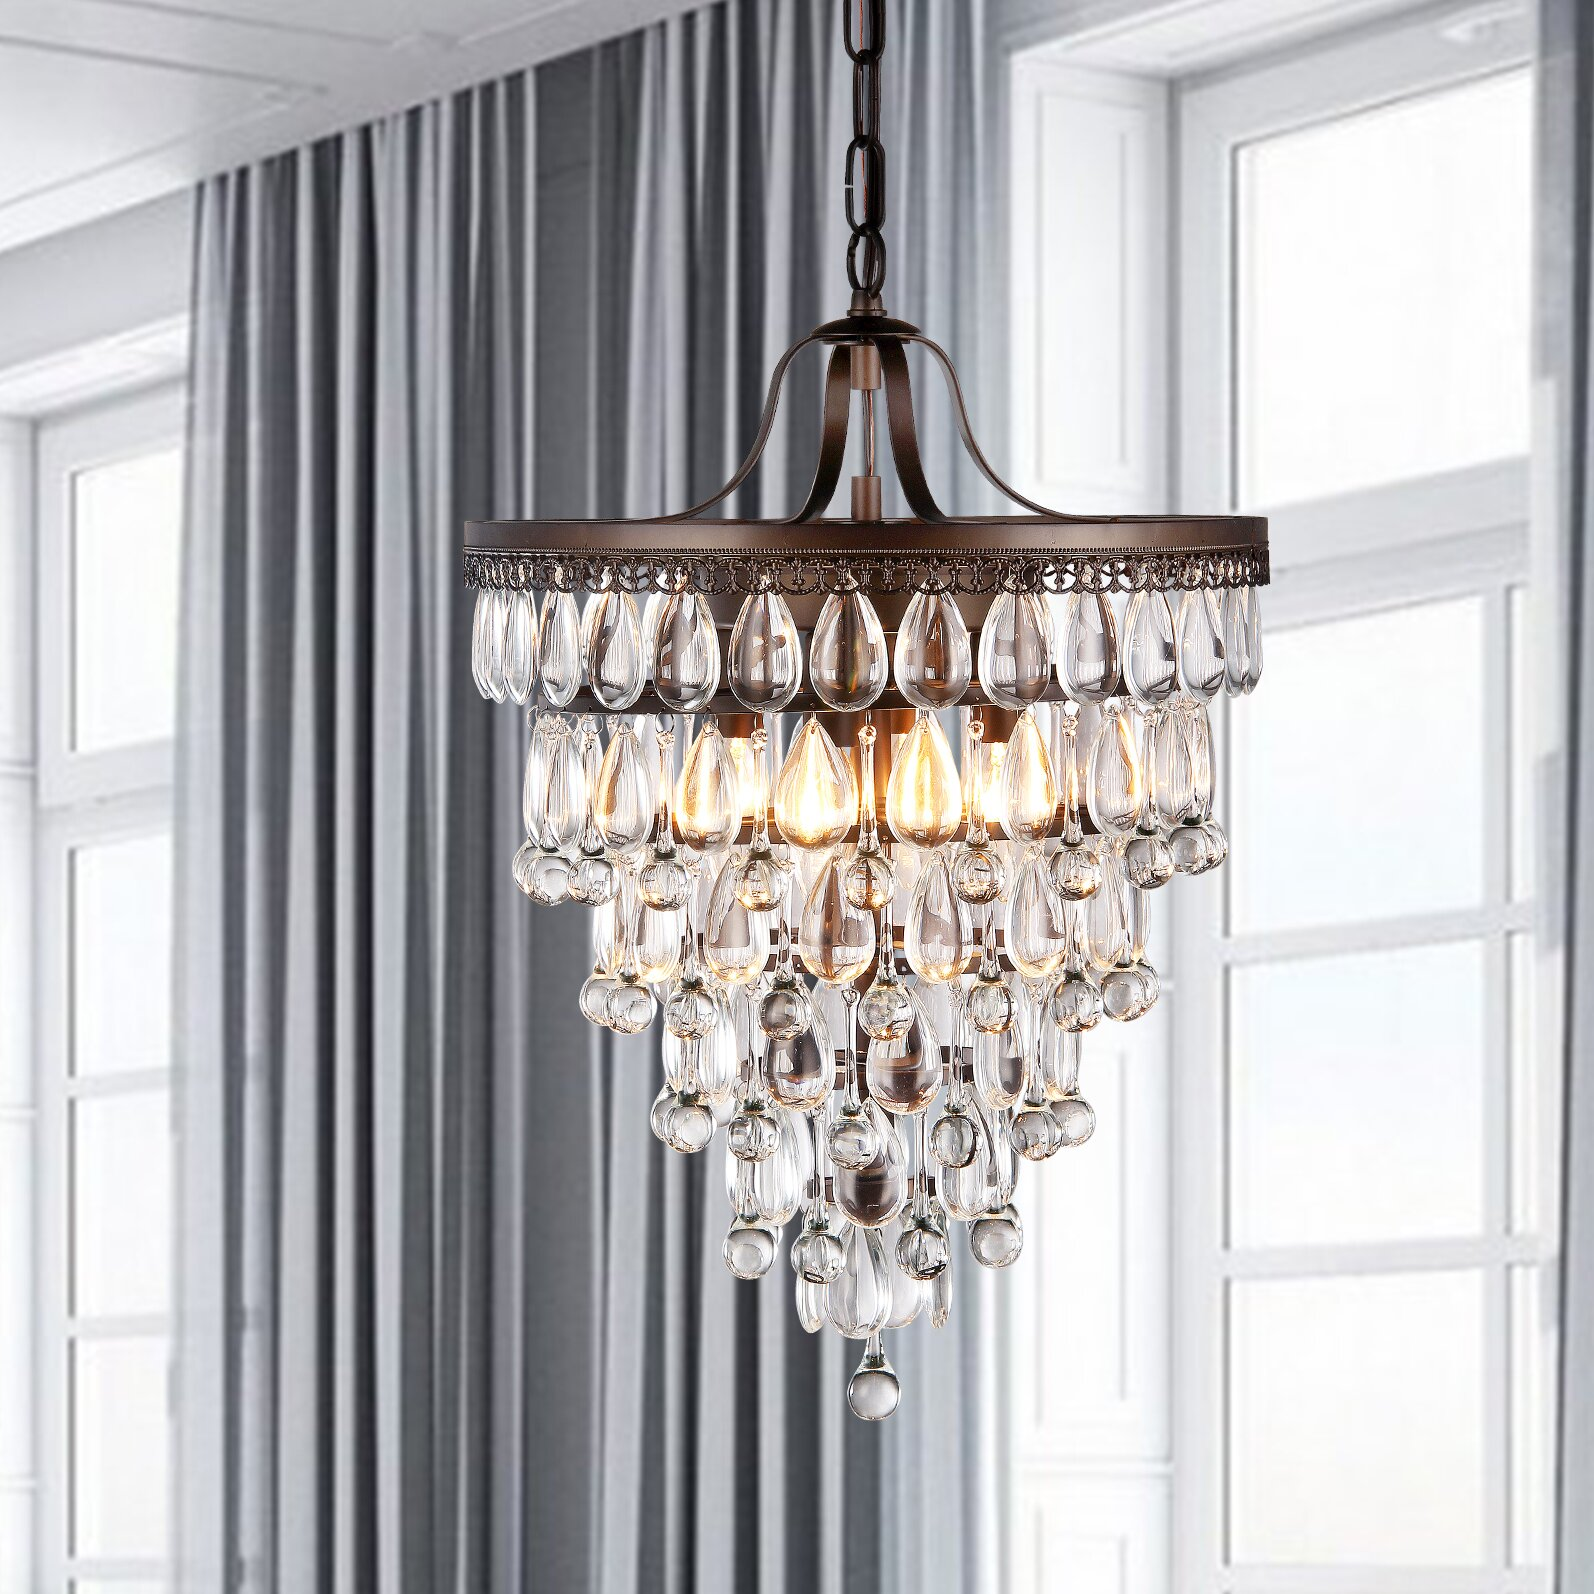 Warehouse of tiffany martinee 4 light crystal chandelier Warehouse of tiffany